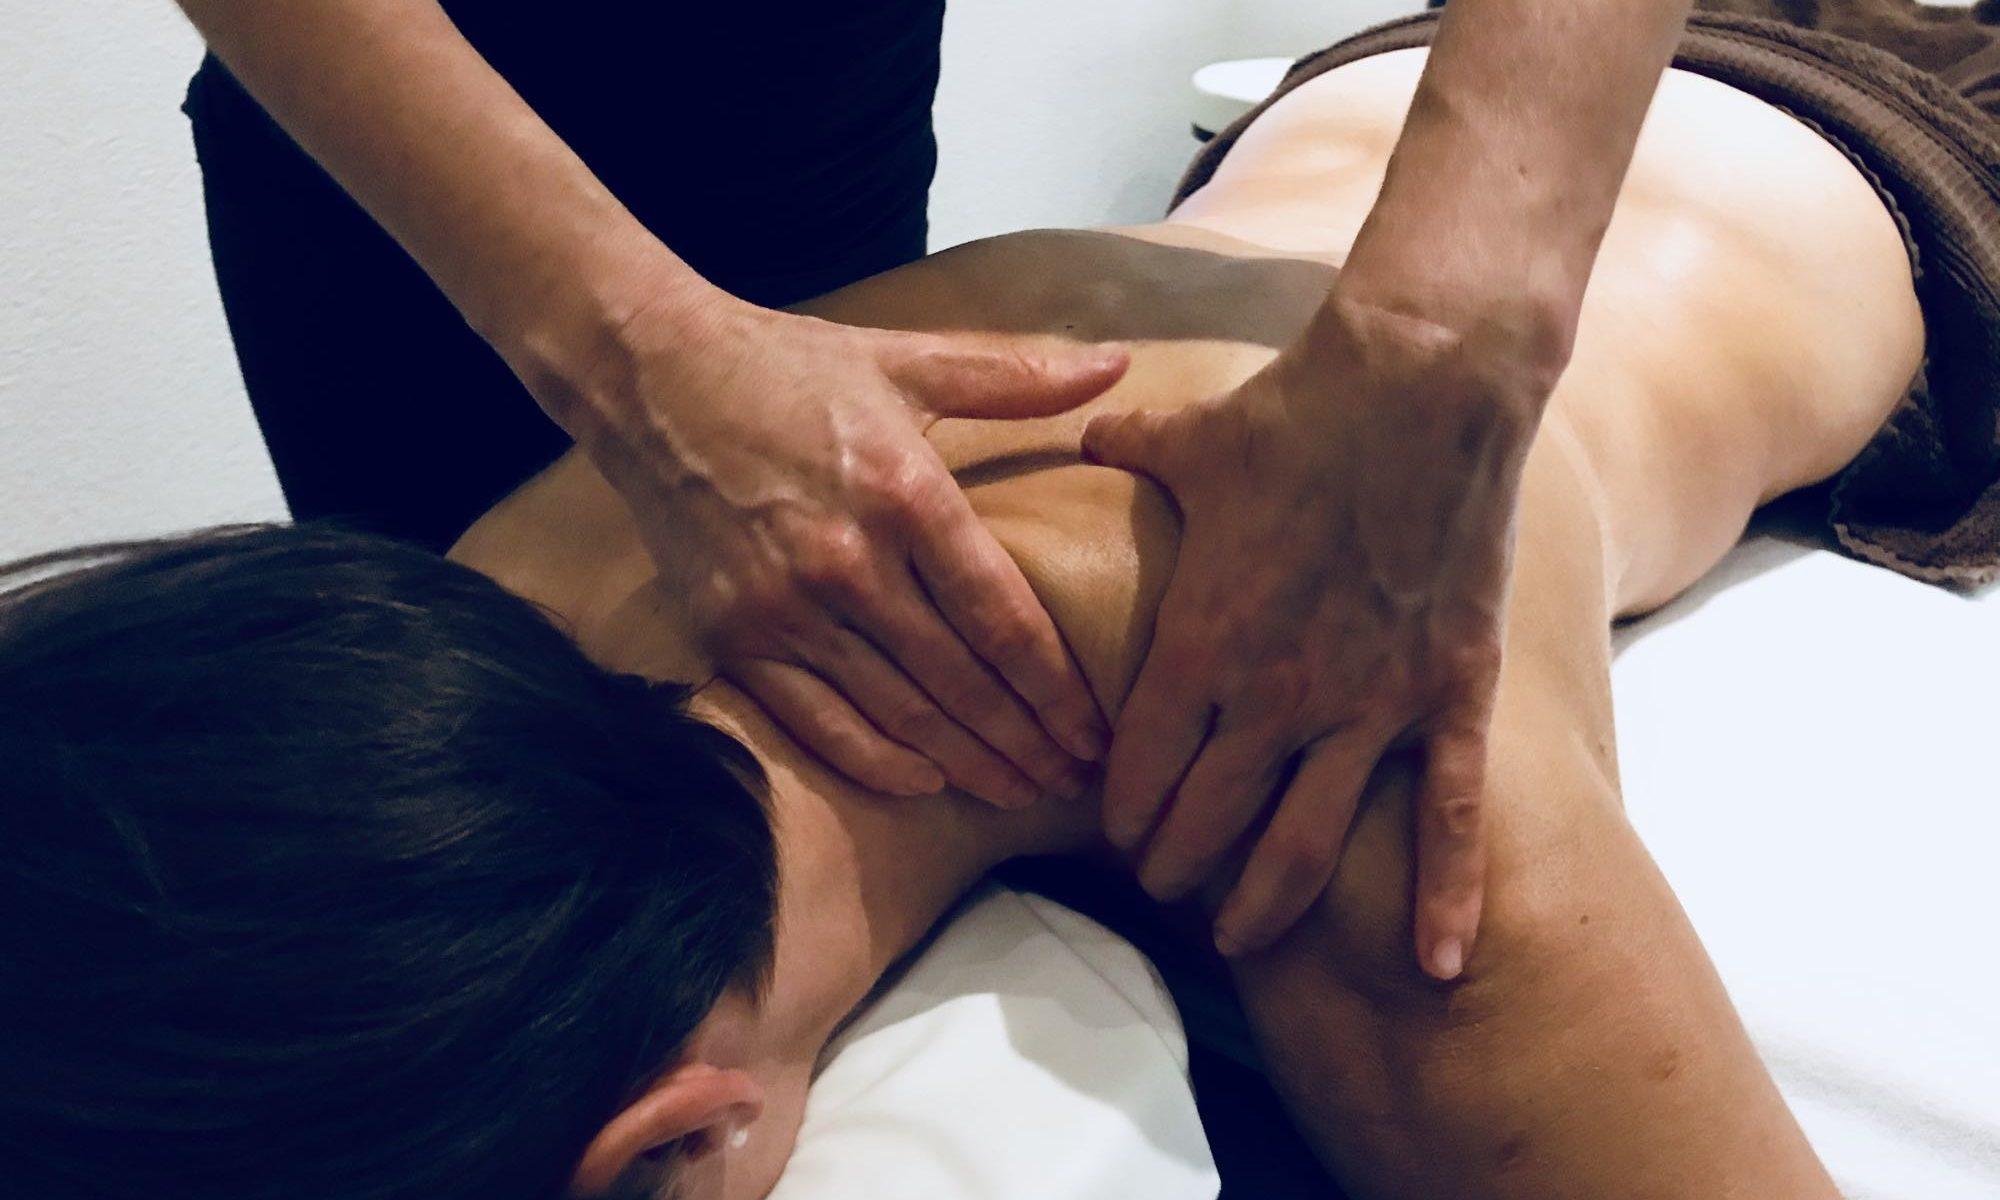 Massagepraxis-Time4Relax-Klassische-Massage-1